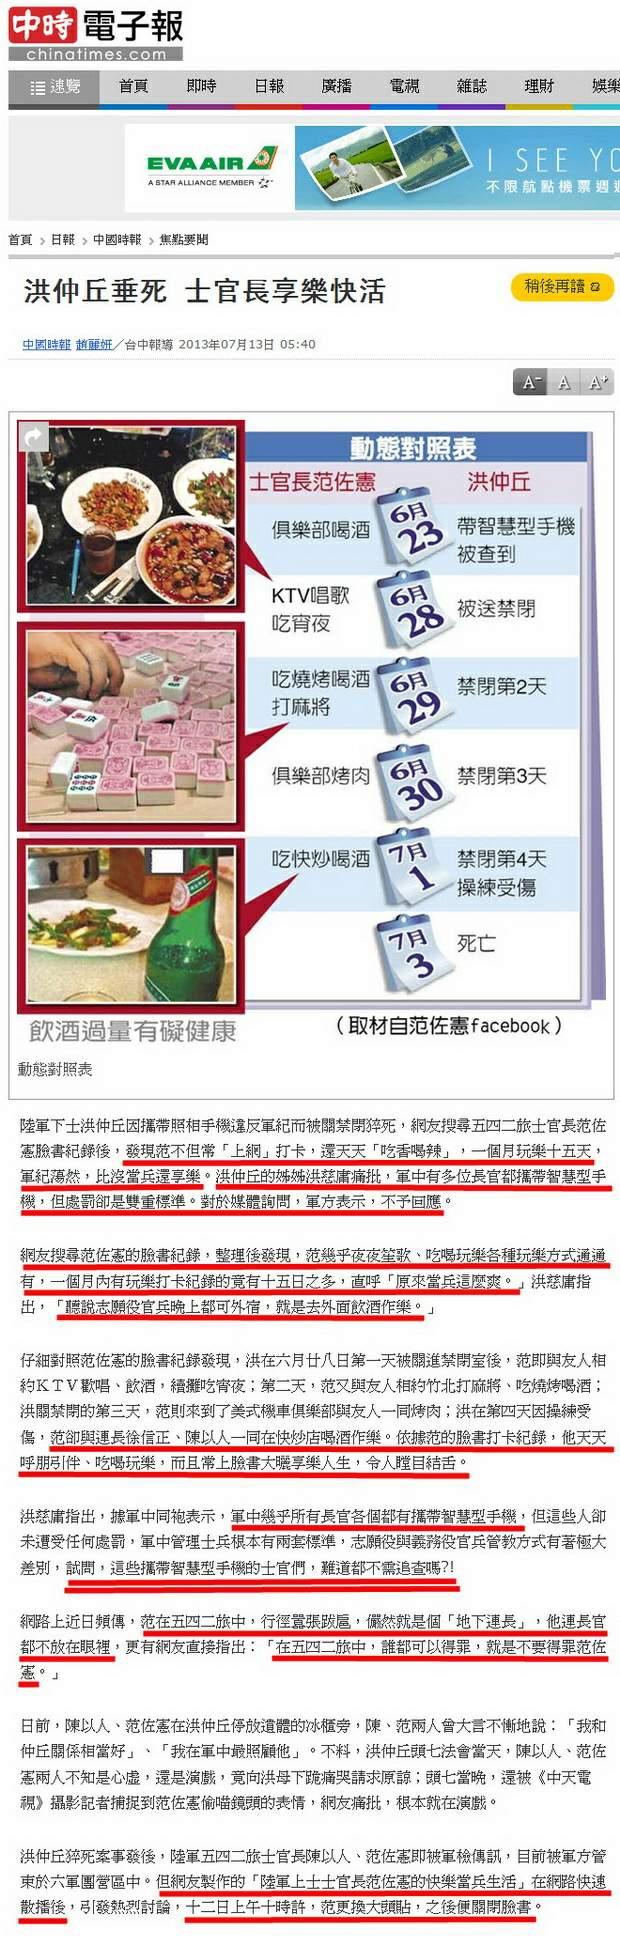 洪仲丘垂死 士官長享樂快活-2013.07.13-01.jpg